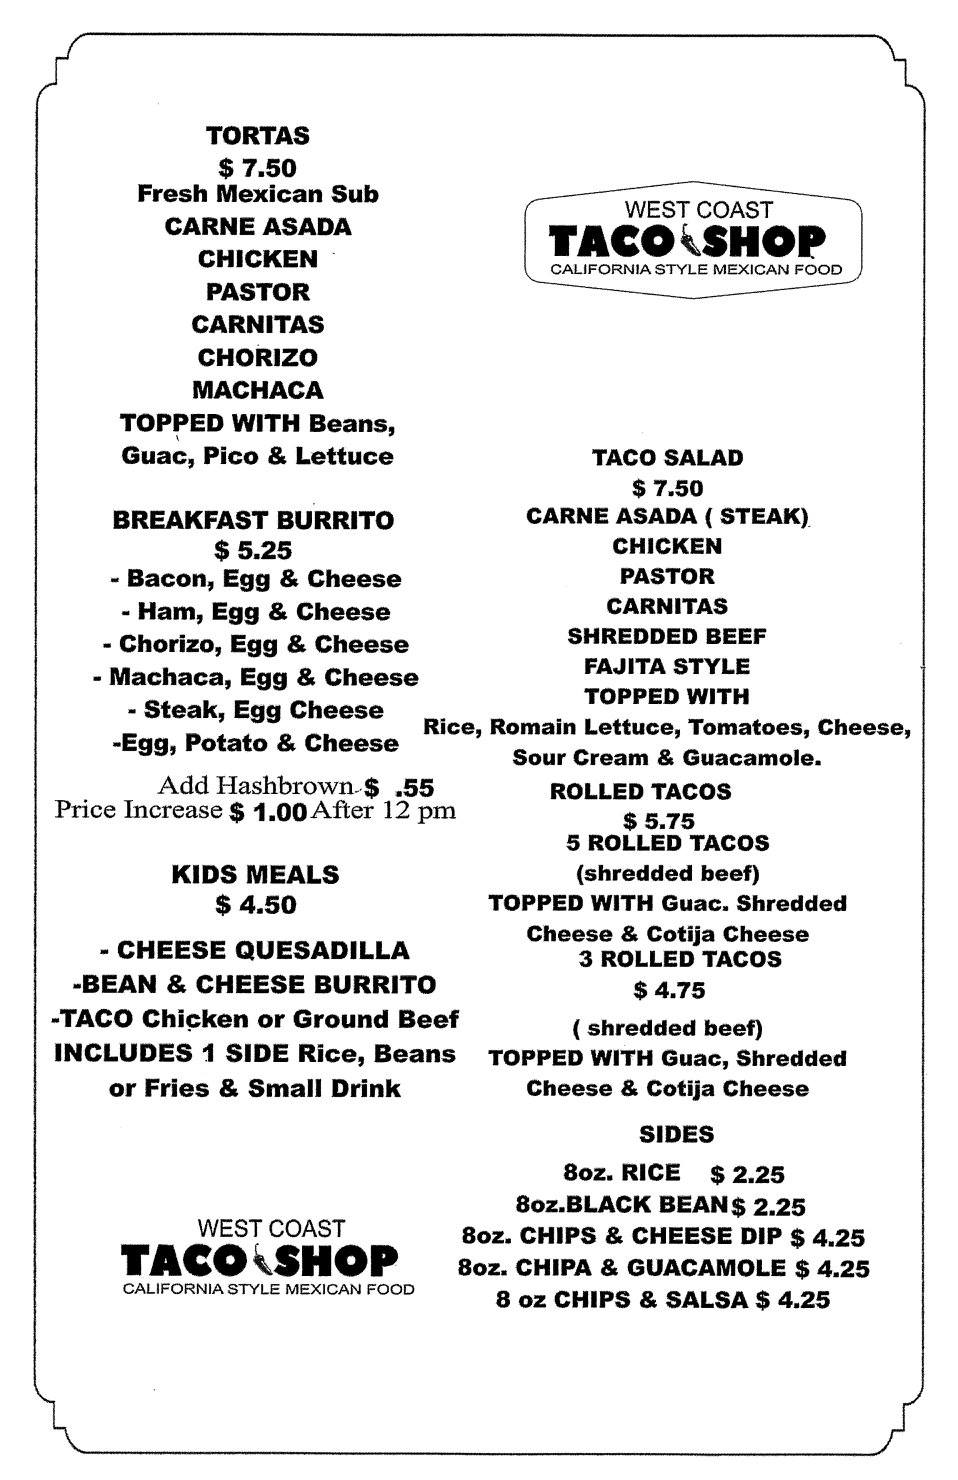 West Coast Taco Shop General Menu